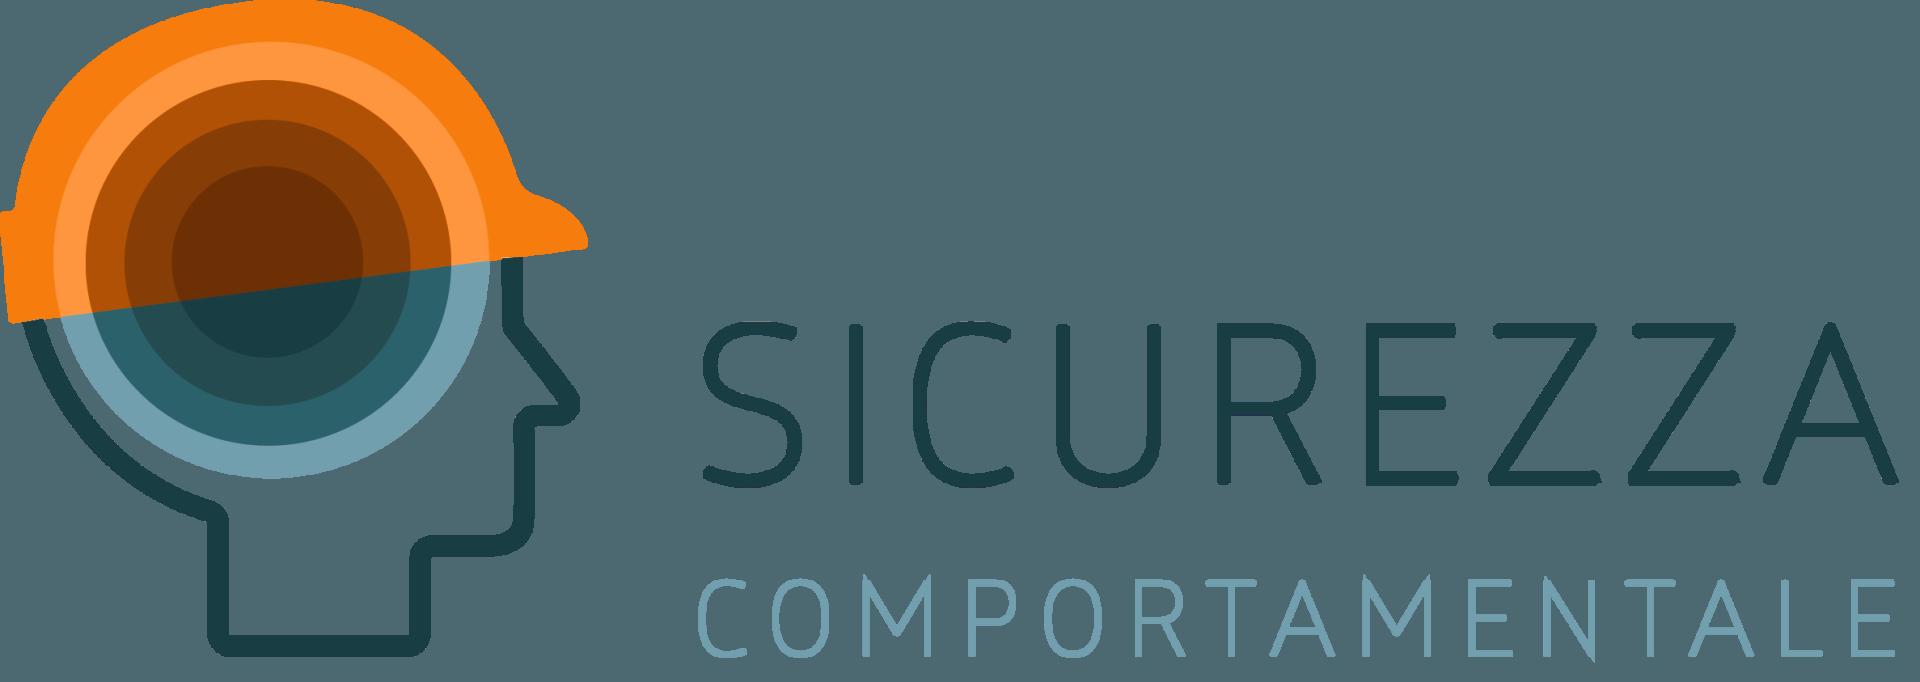 Sicurezza Comportamentale S.r.l.